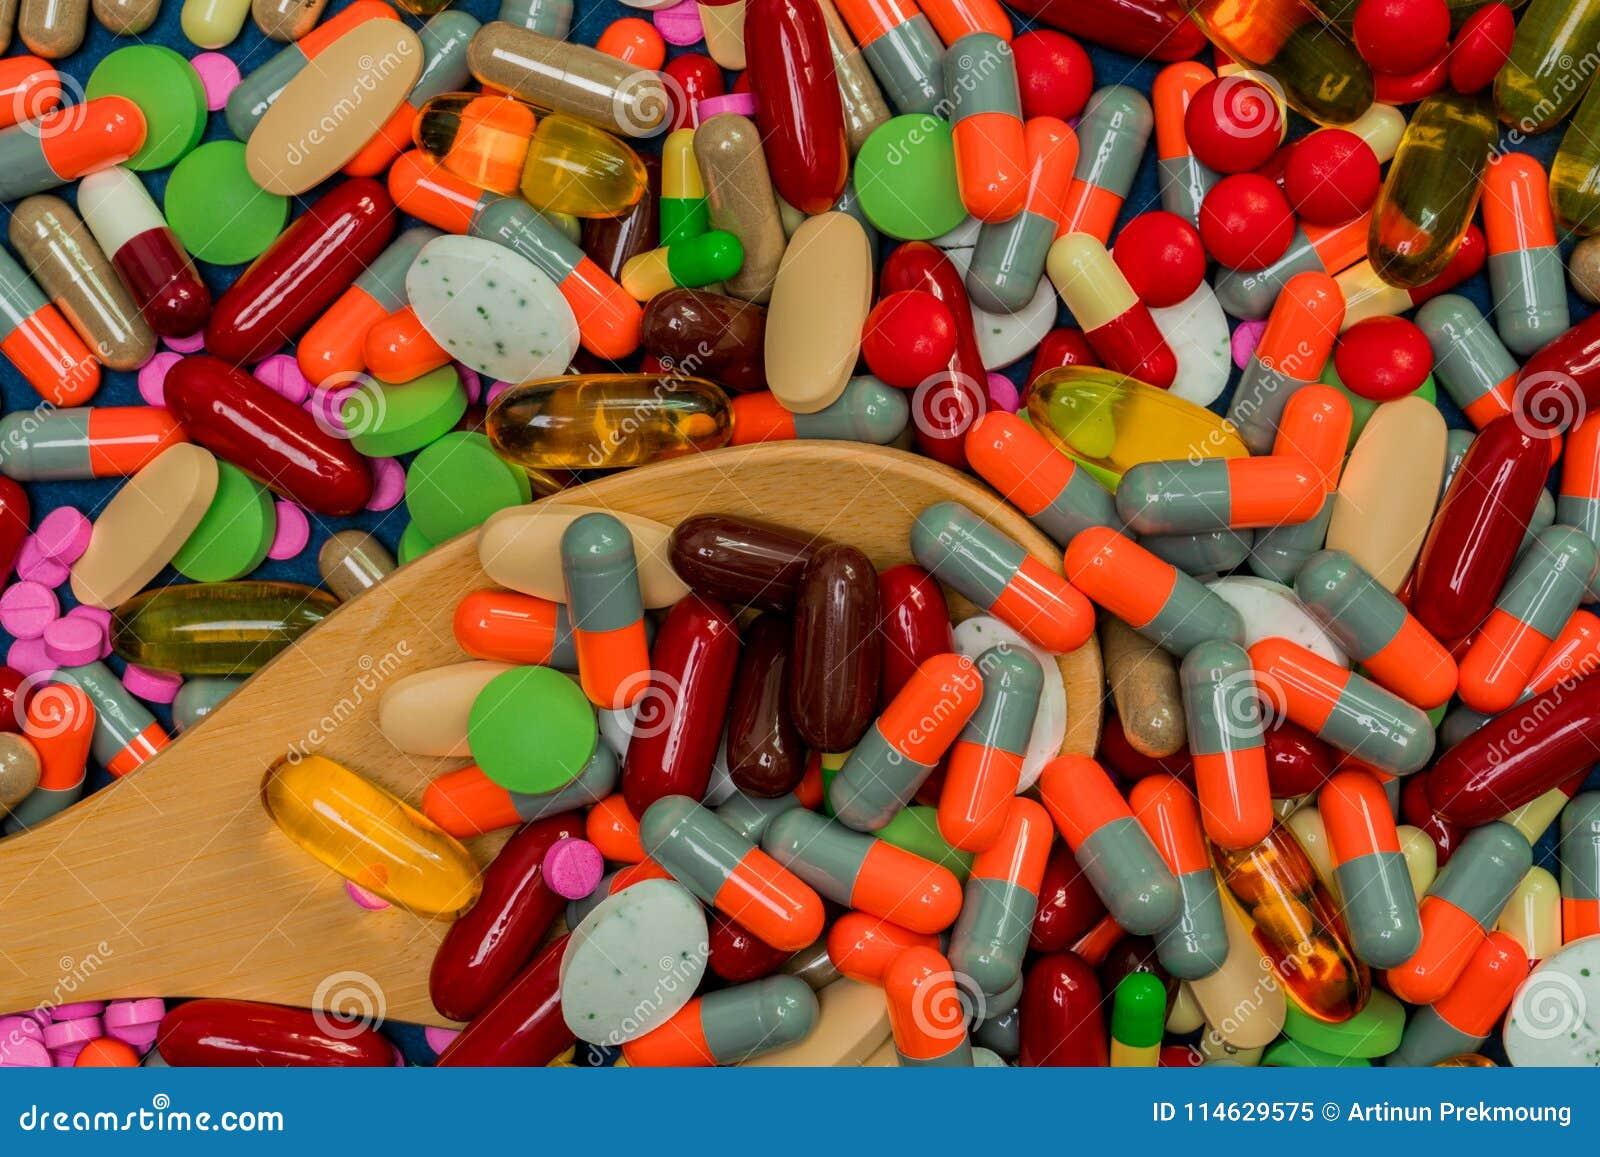 Σωρός των ζωηρόχρωμων χαπιών και του ξύλινου κουταλιού Ιατρική, βιταμίνες, συμπλήρωμα και ανόργανα άλατα Αντίσταση φαρμάκων αντιβ